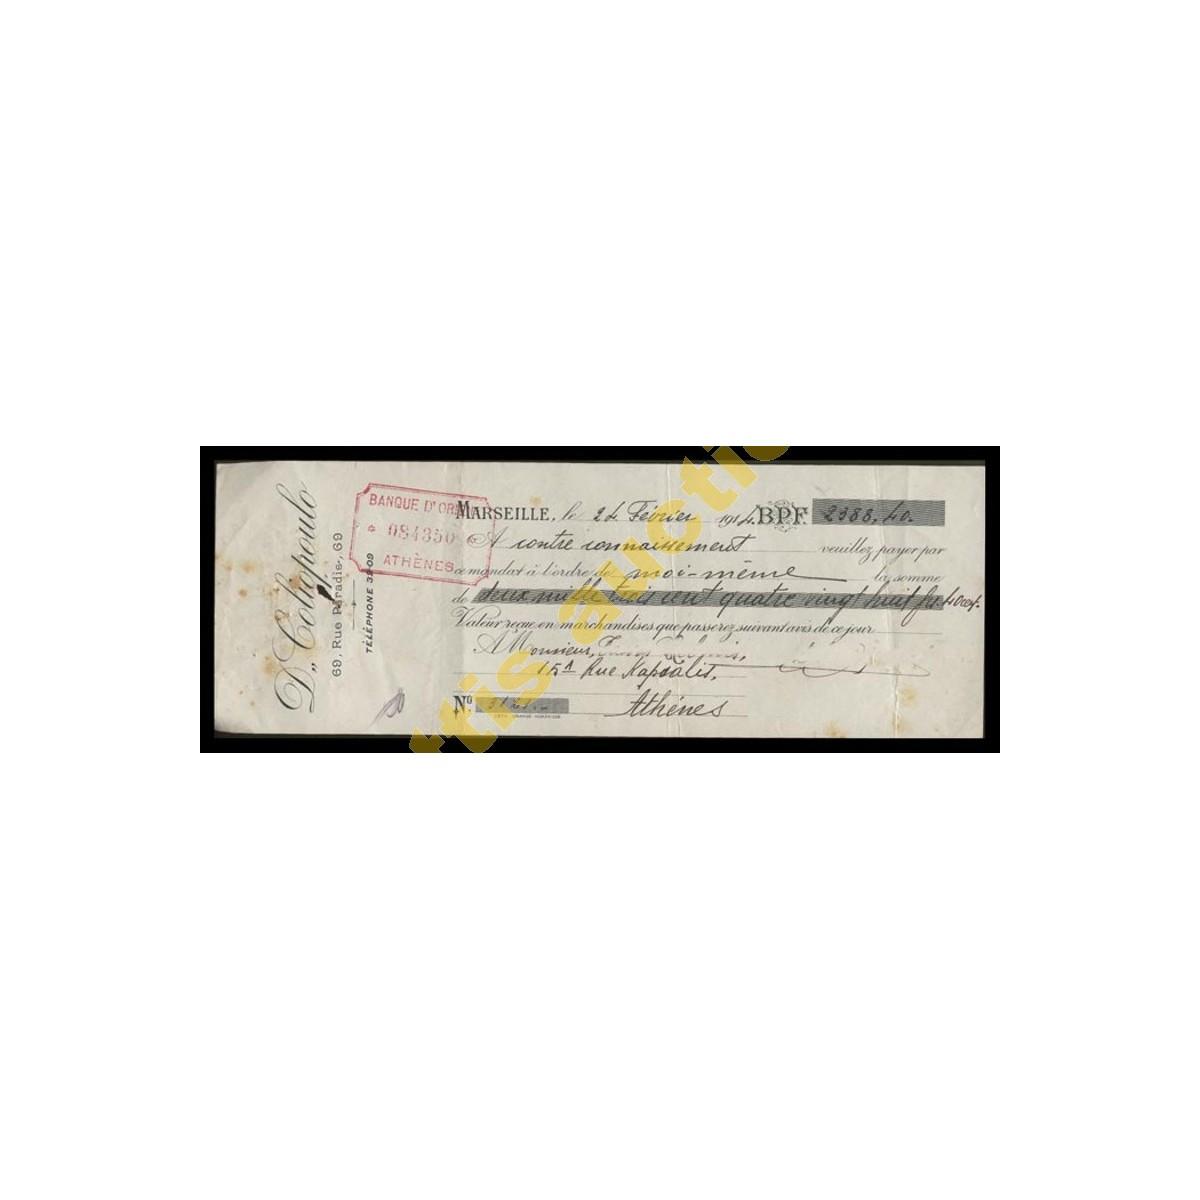 D. Coliopoulos, Banque d' Orient. Επιταγή πληρωμής 1914.